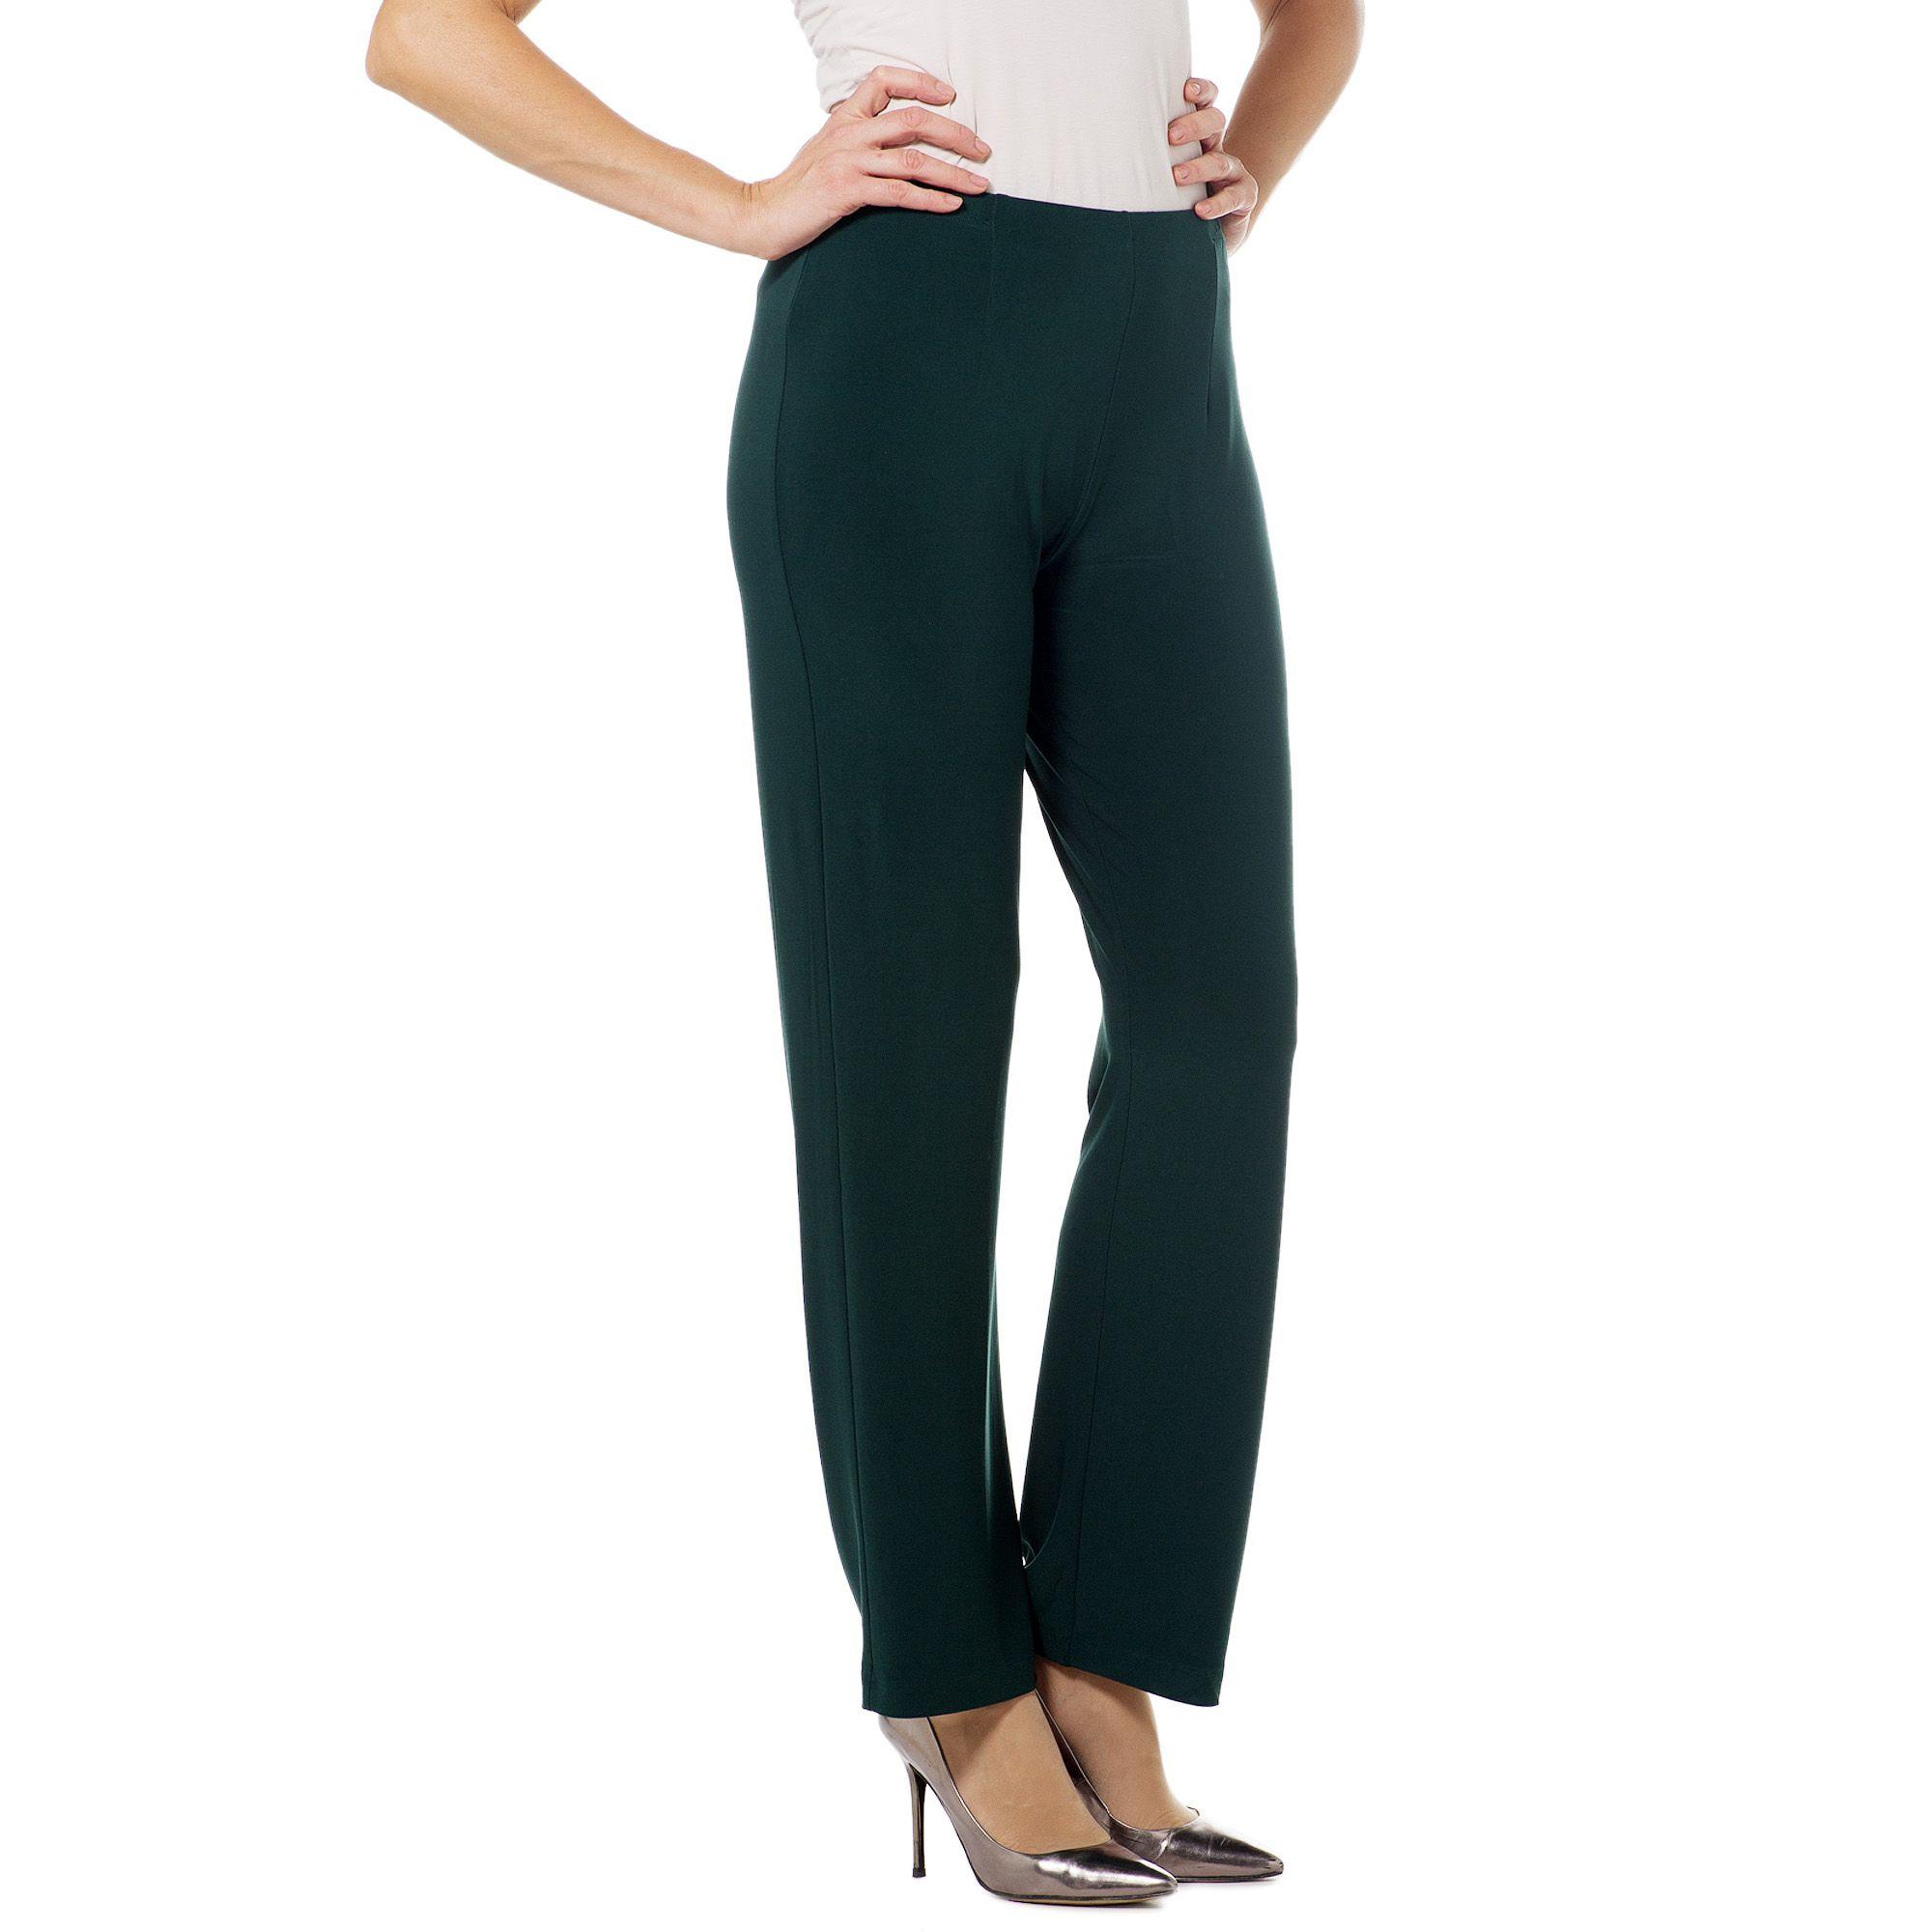 Nina Leonard Pantaloni linea dritta in jersey con elastico in vita - QVC  Italia 4936ec86b4d